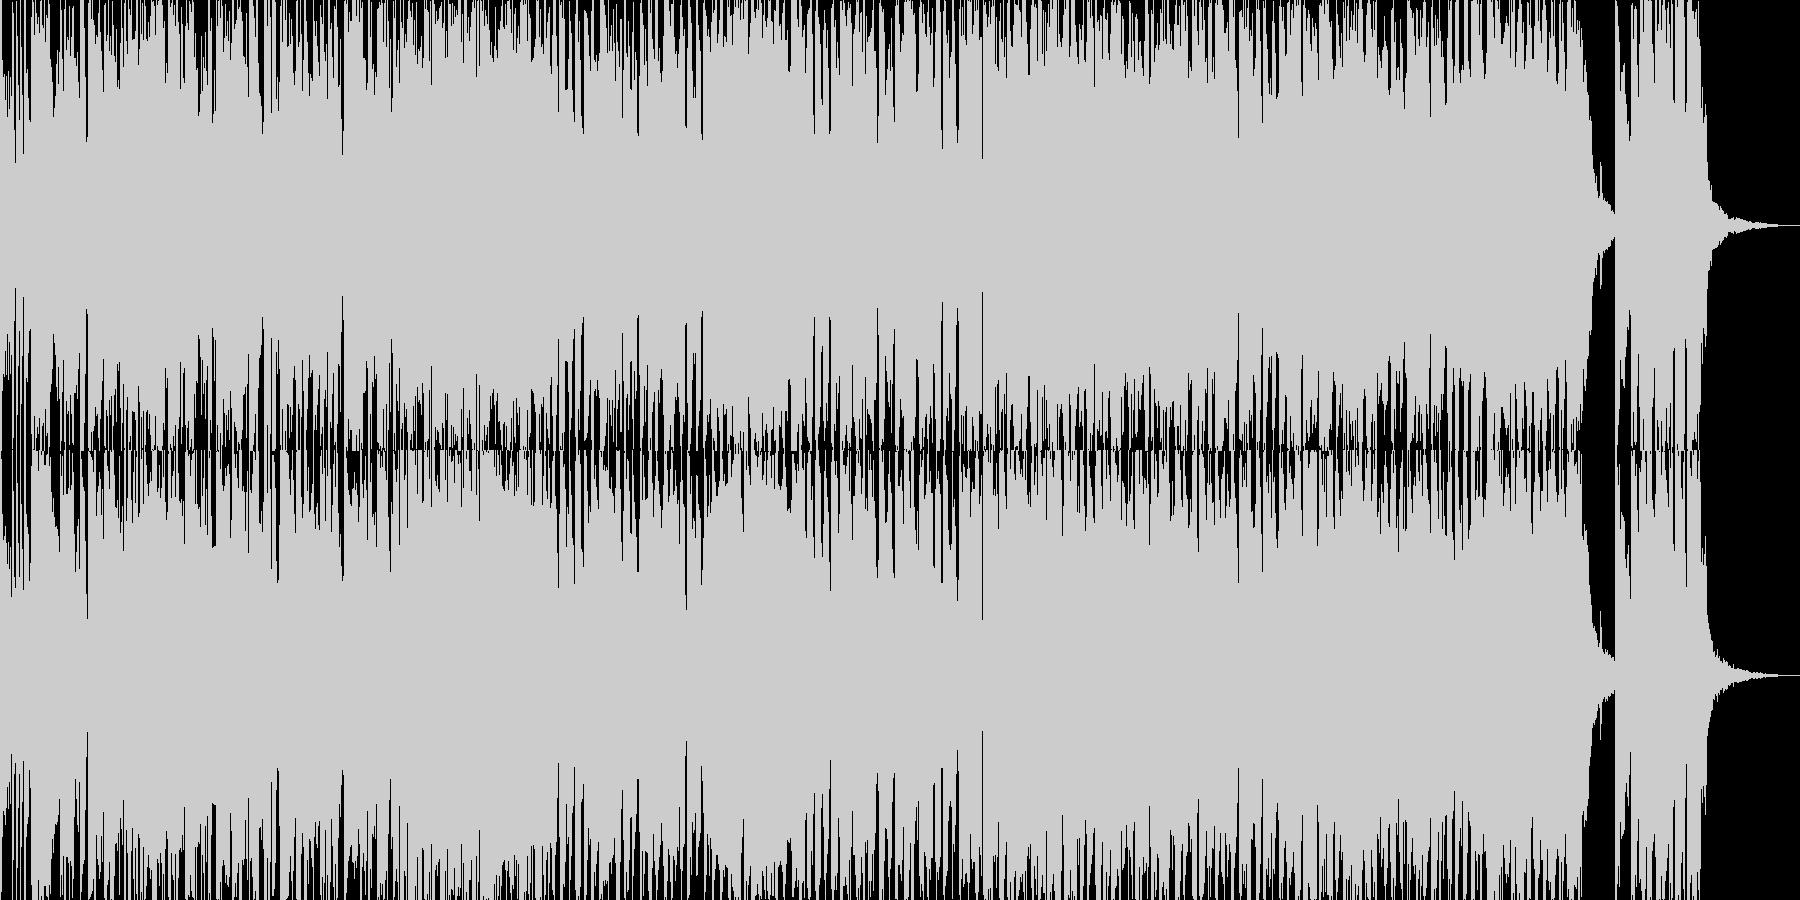 アメリカ風のミッドテンポロックの未再生の波形